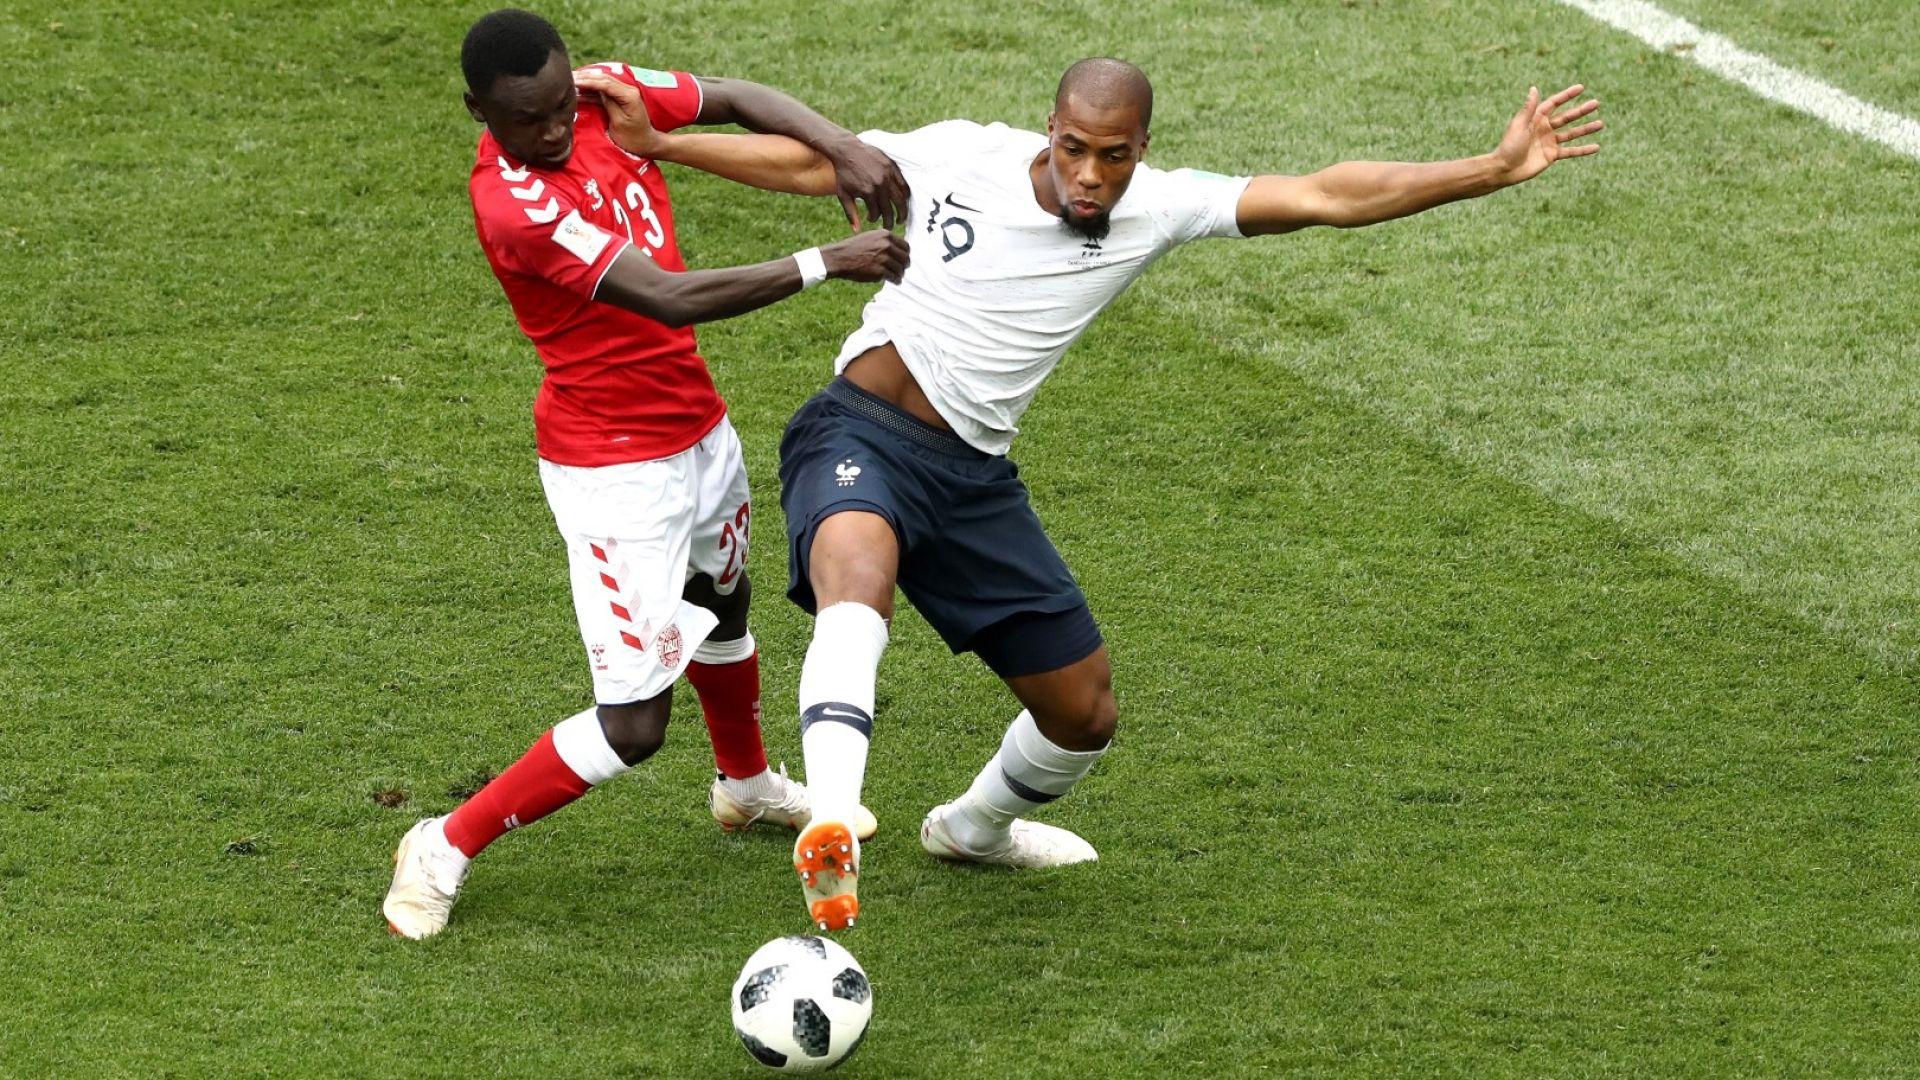 Дания - Франция 0:0 (статистика)